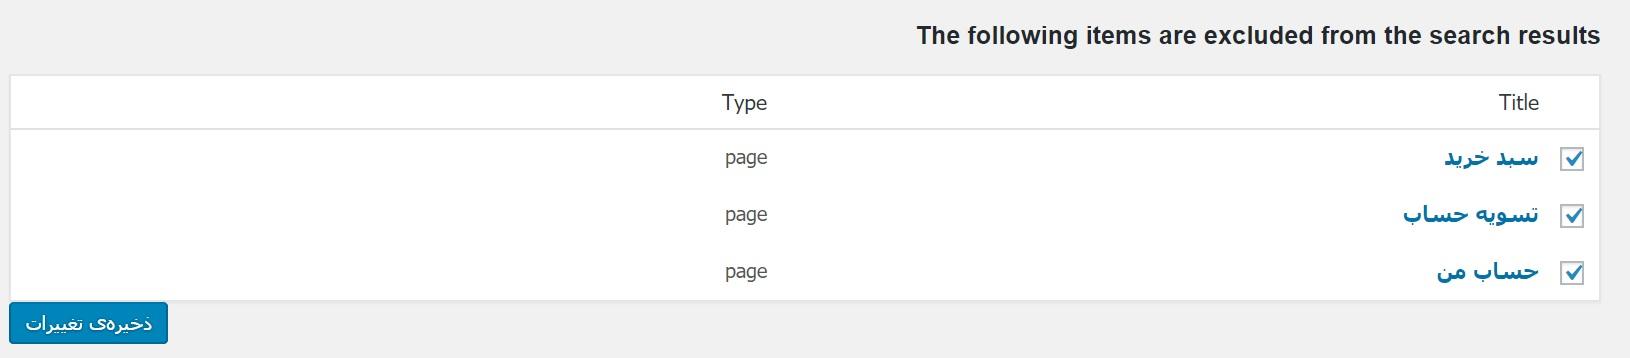 پنهان کردن برخی صفحات از جستجوی وردپرس با افزونه Search Exclude